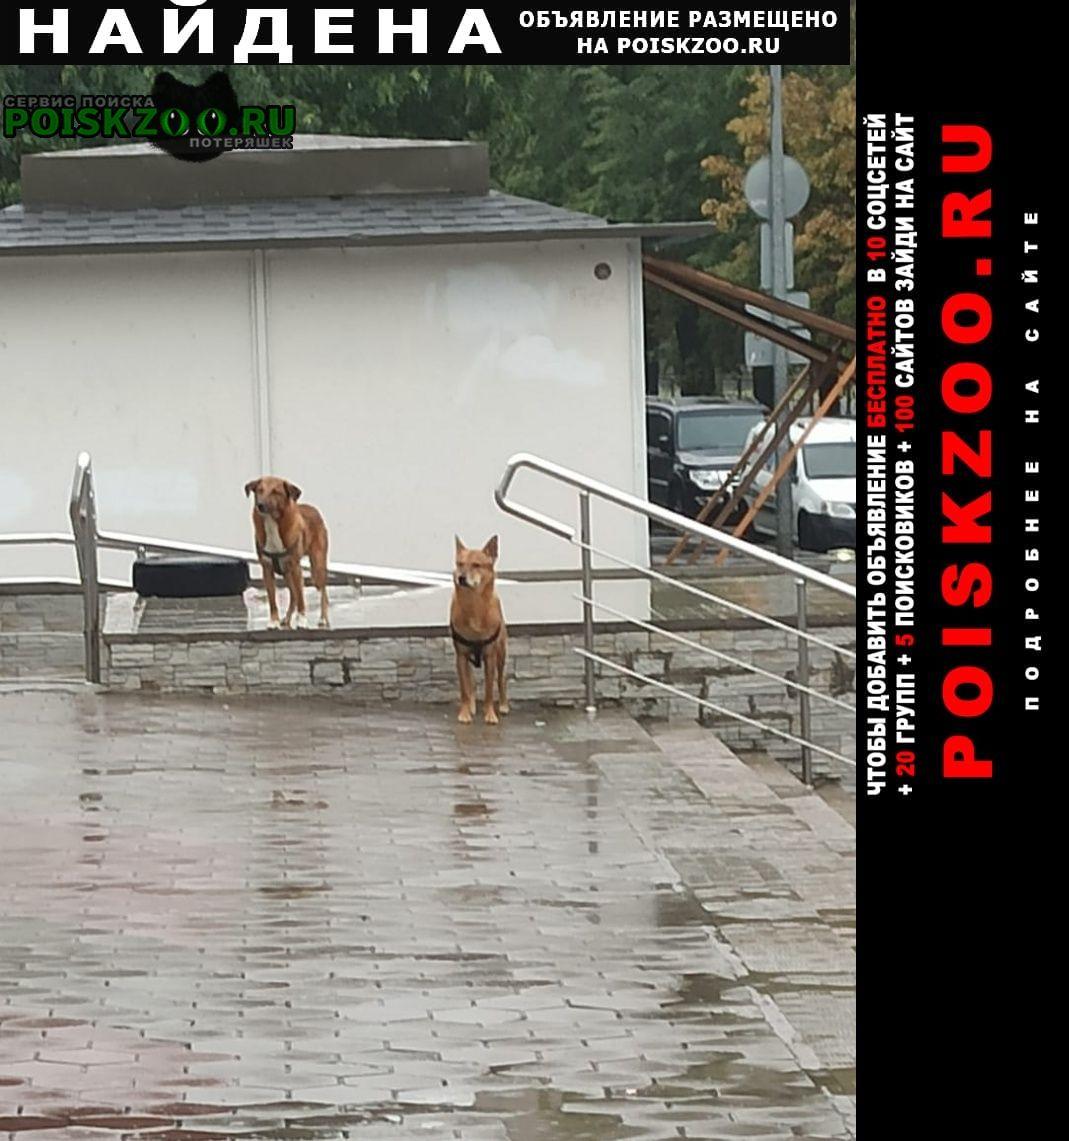 Найдена собака замечены 2 собаки Санкт-Петербург